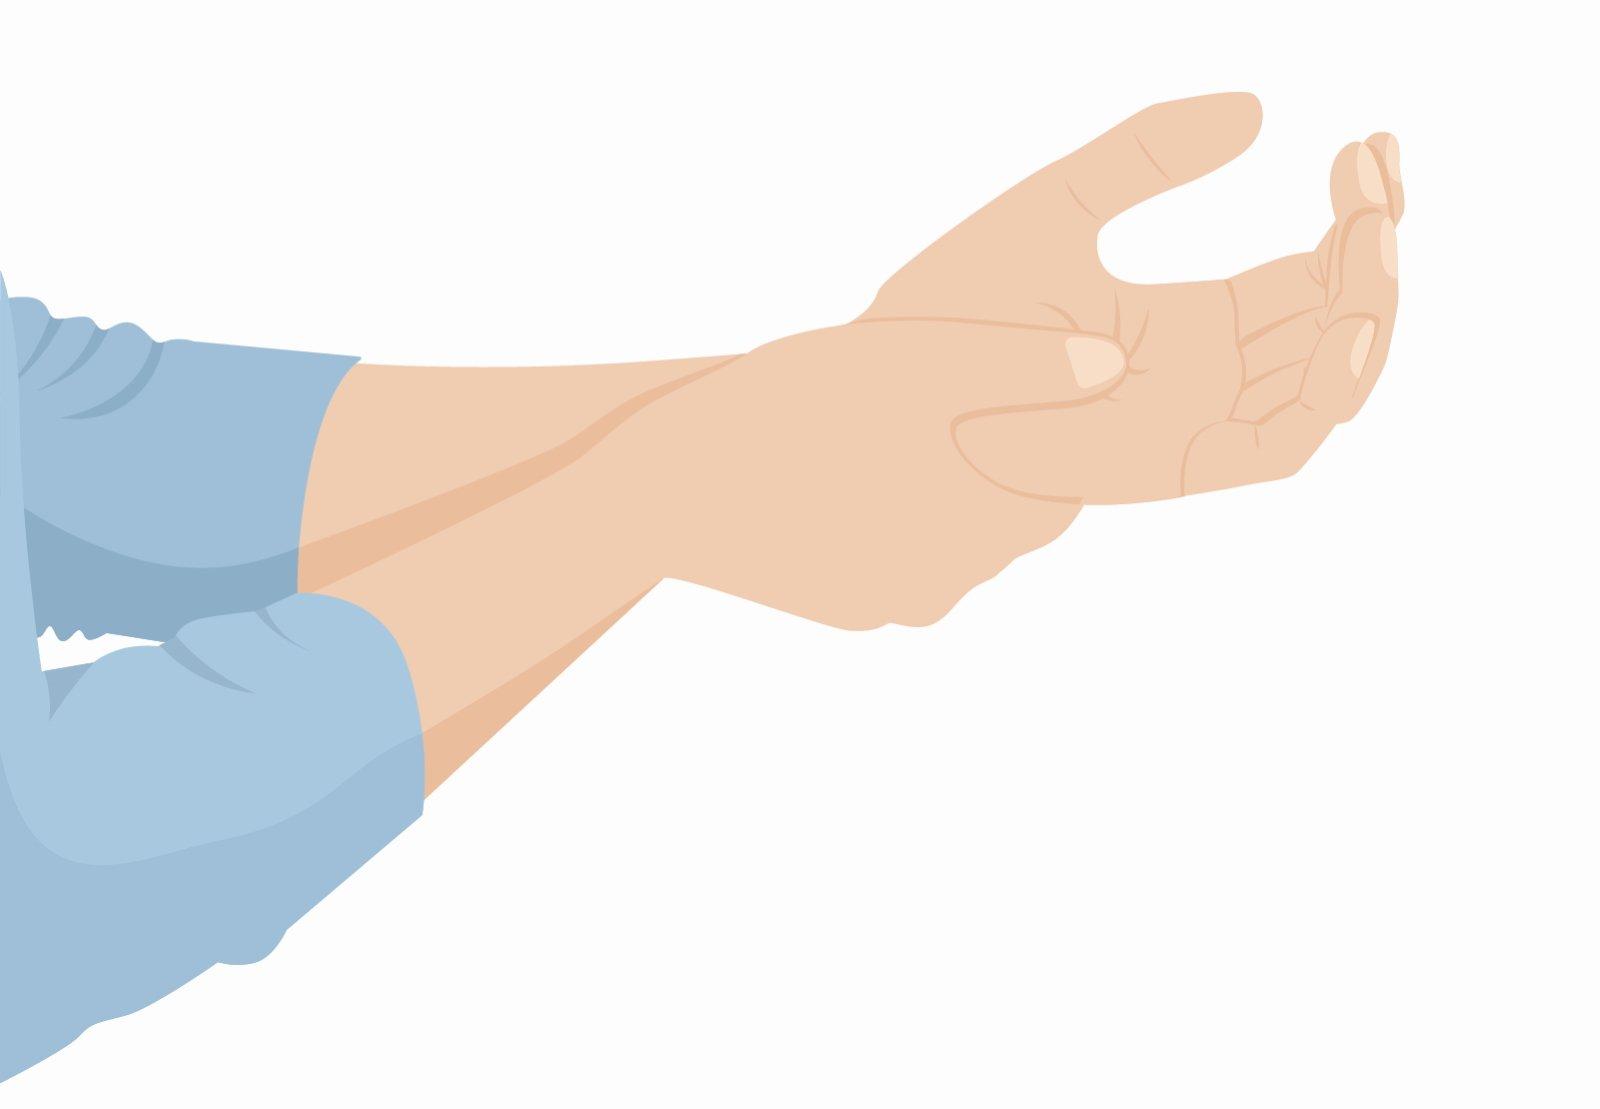 Hände schlafen nachts ein: Meistens ist das Einschlafen von Händen, Füßen oder anderen Körperteilen völlig harmlos.